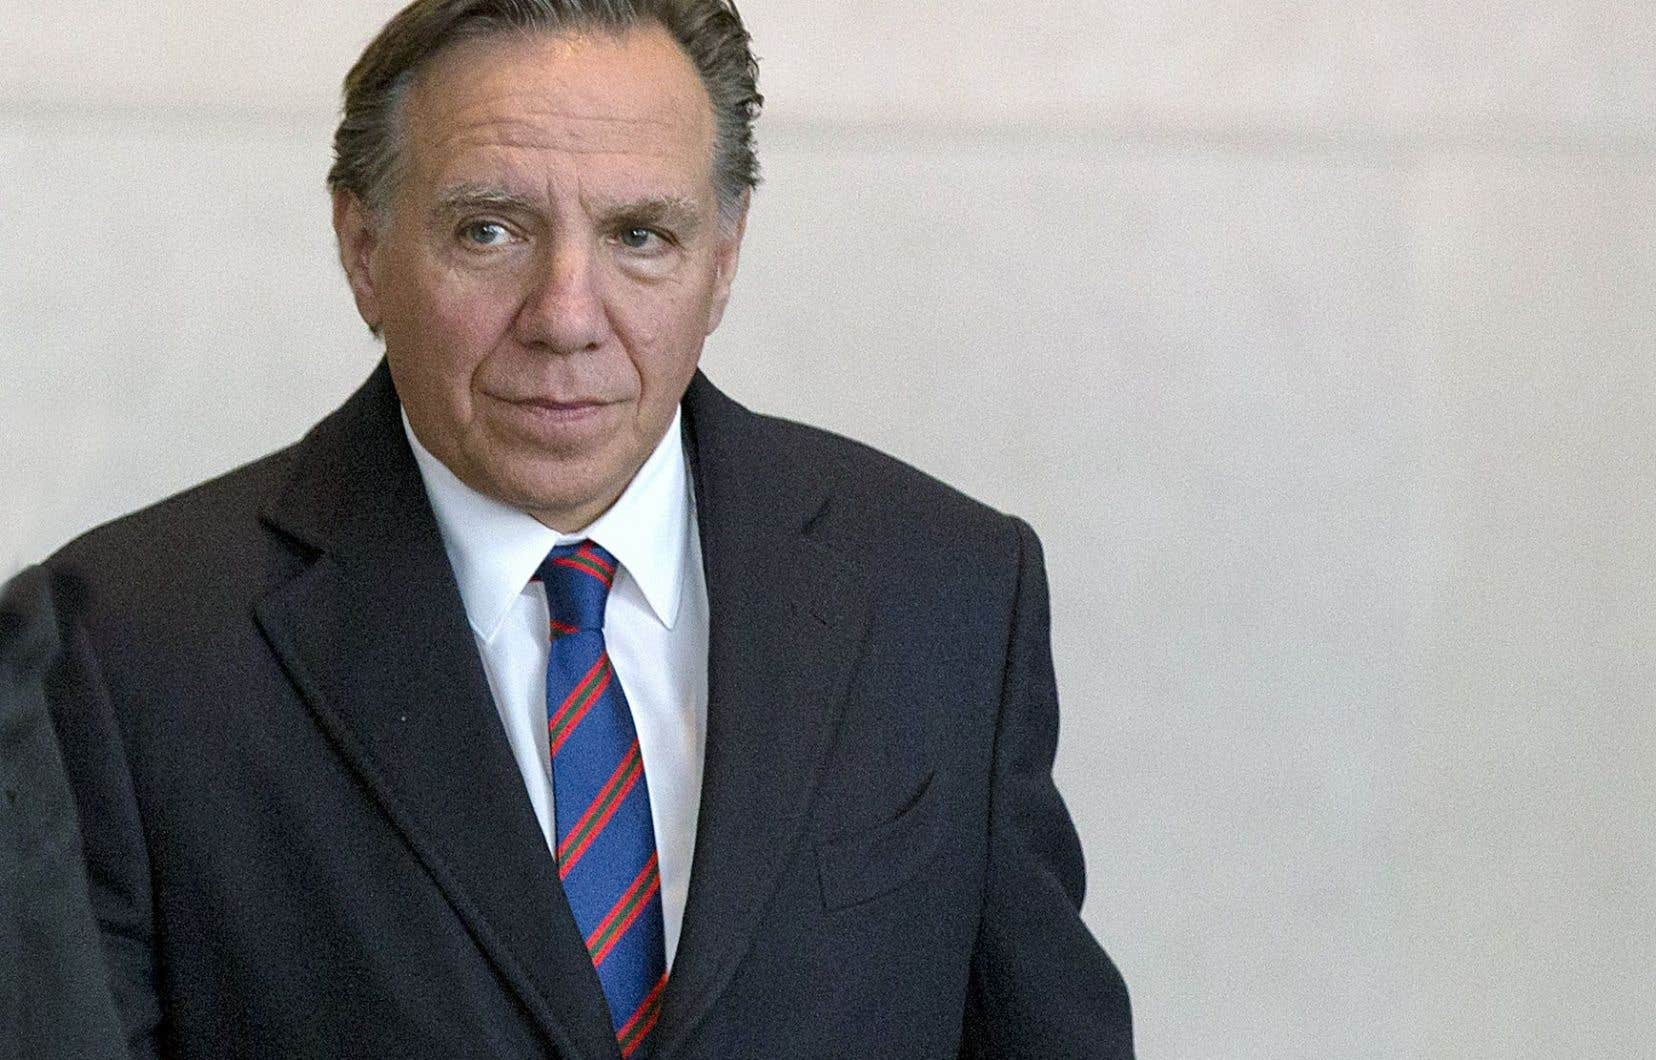 Le chef de la CAQ, François Legault, est allé rencontrer le grand patron de Bombardier au siège social de l'entreprise, à Montréal.